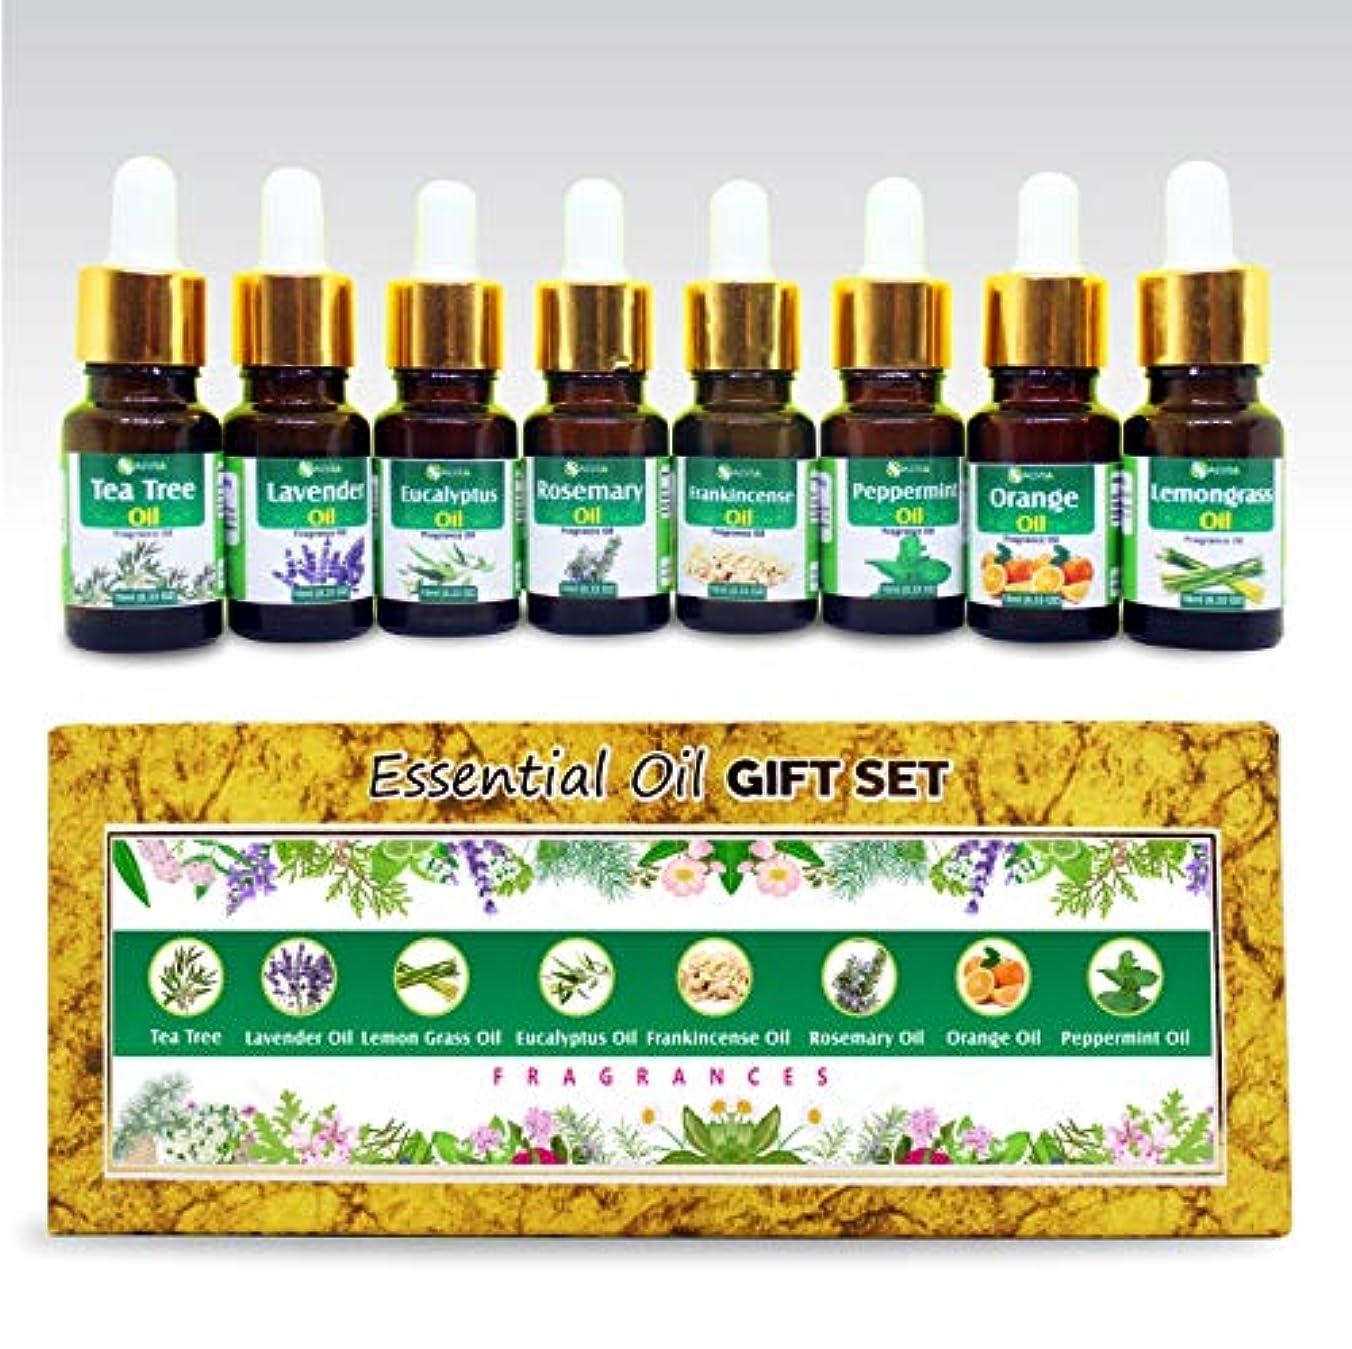 同時憎しみ探すAromatherapy Fragrance Oils 100% Natural Therapeutic Essential Oils 10ml each (Tea Tree, Lavender, Eucalyptus,...